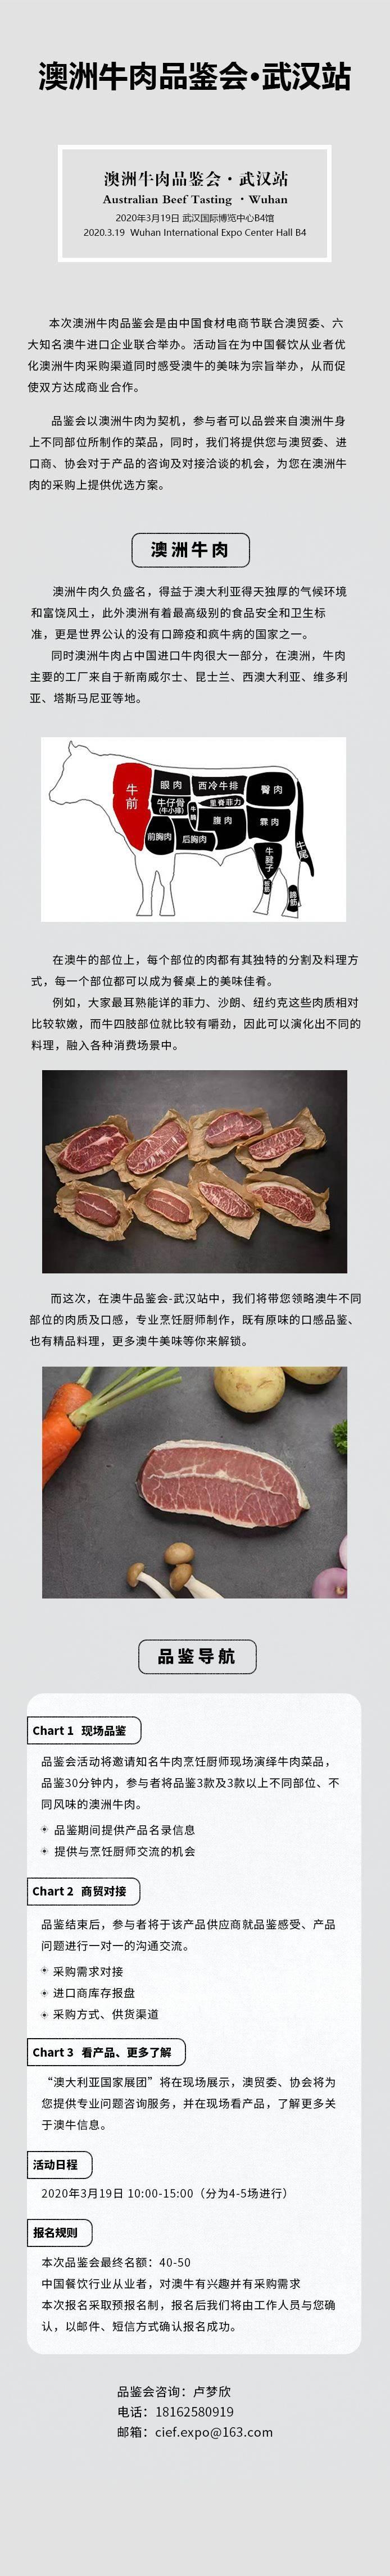 澳洲牛肉品鉴会-长图.jpg